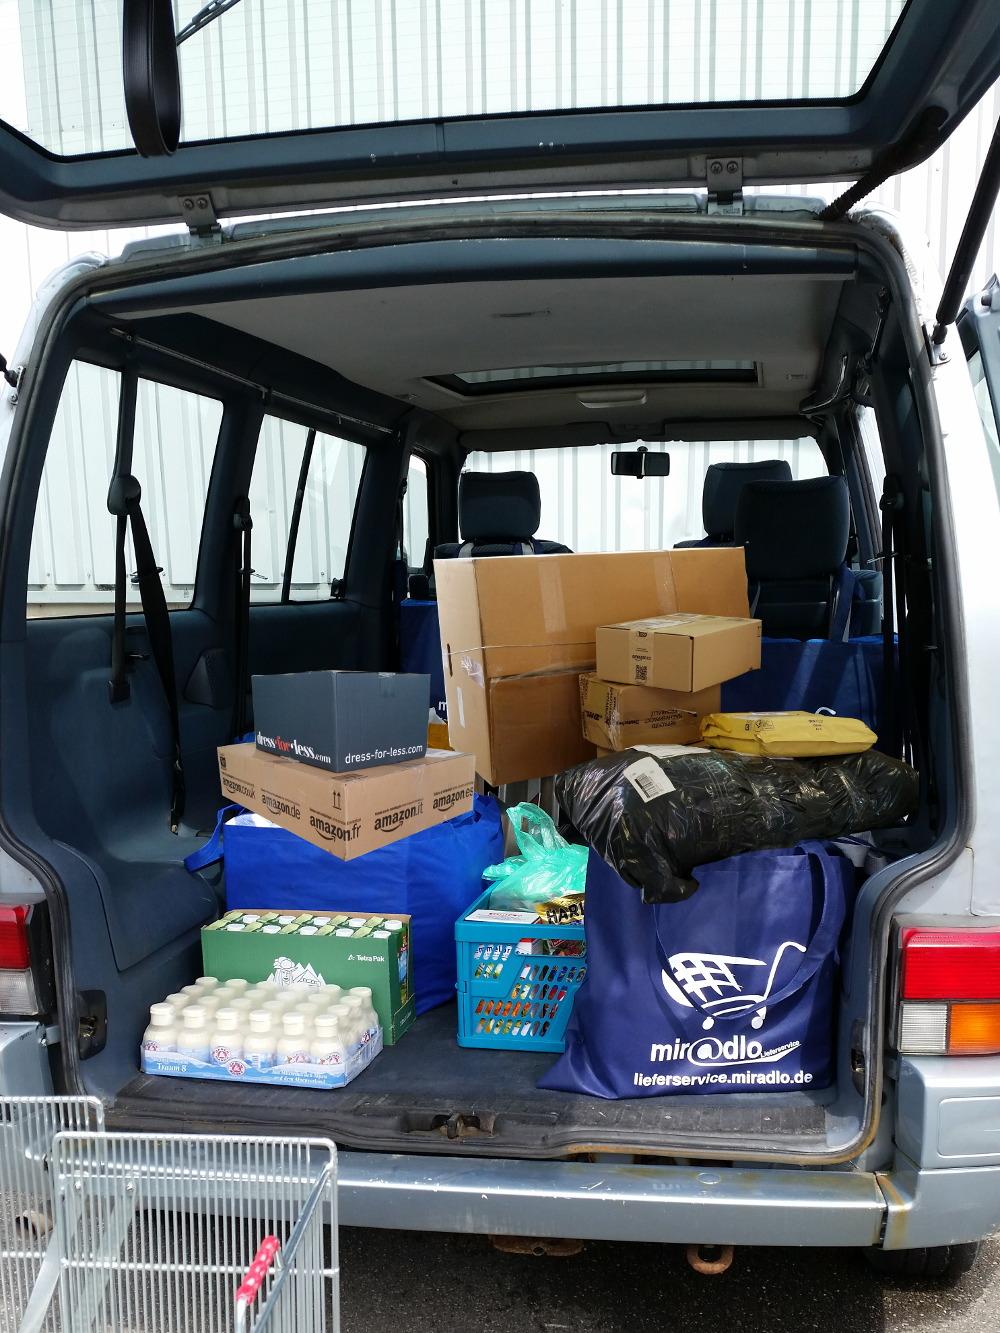 Pakete direkt in den Kofferraum liefern lassen, je nach Kofferraumgröße auch zusätzlich zu bereits eingeladenen Einkäufen.